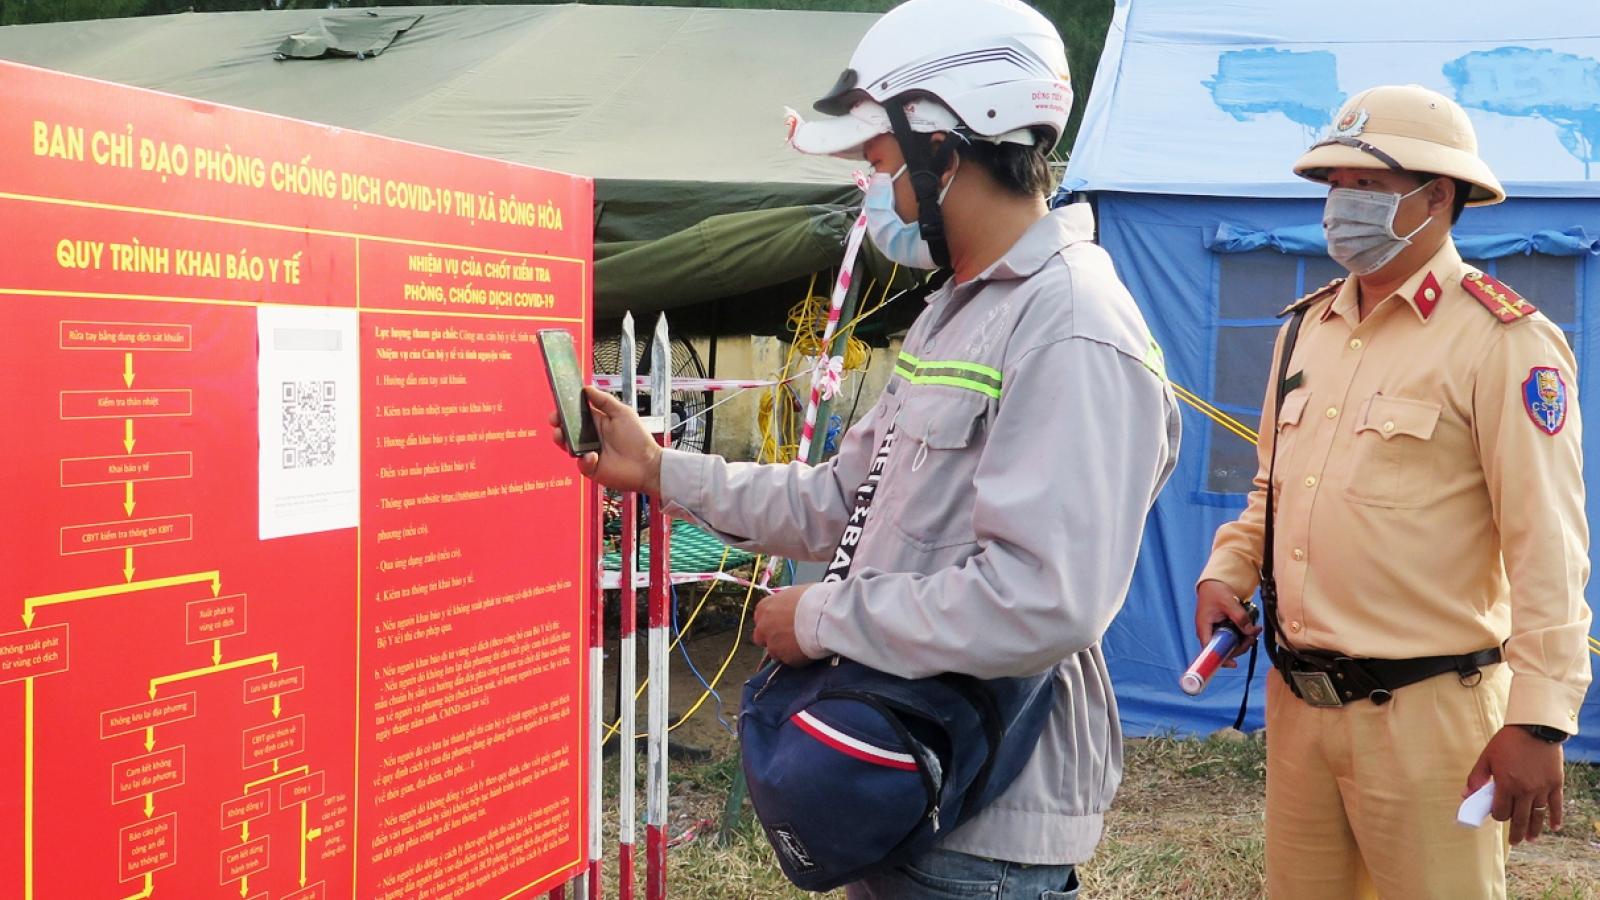 Phú Yên khuyến khích người dân khai báo y tế bằng QR Code